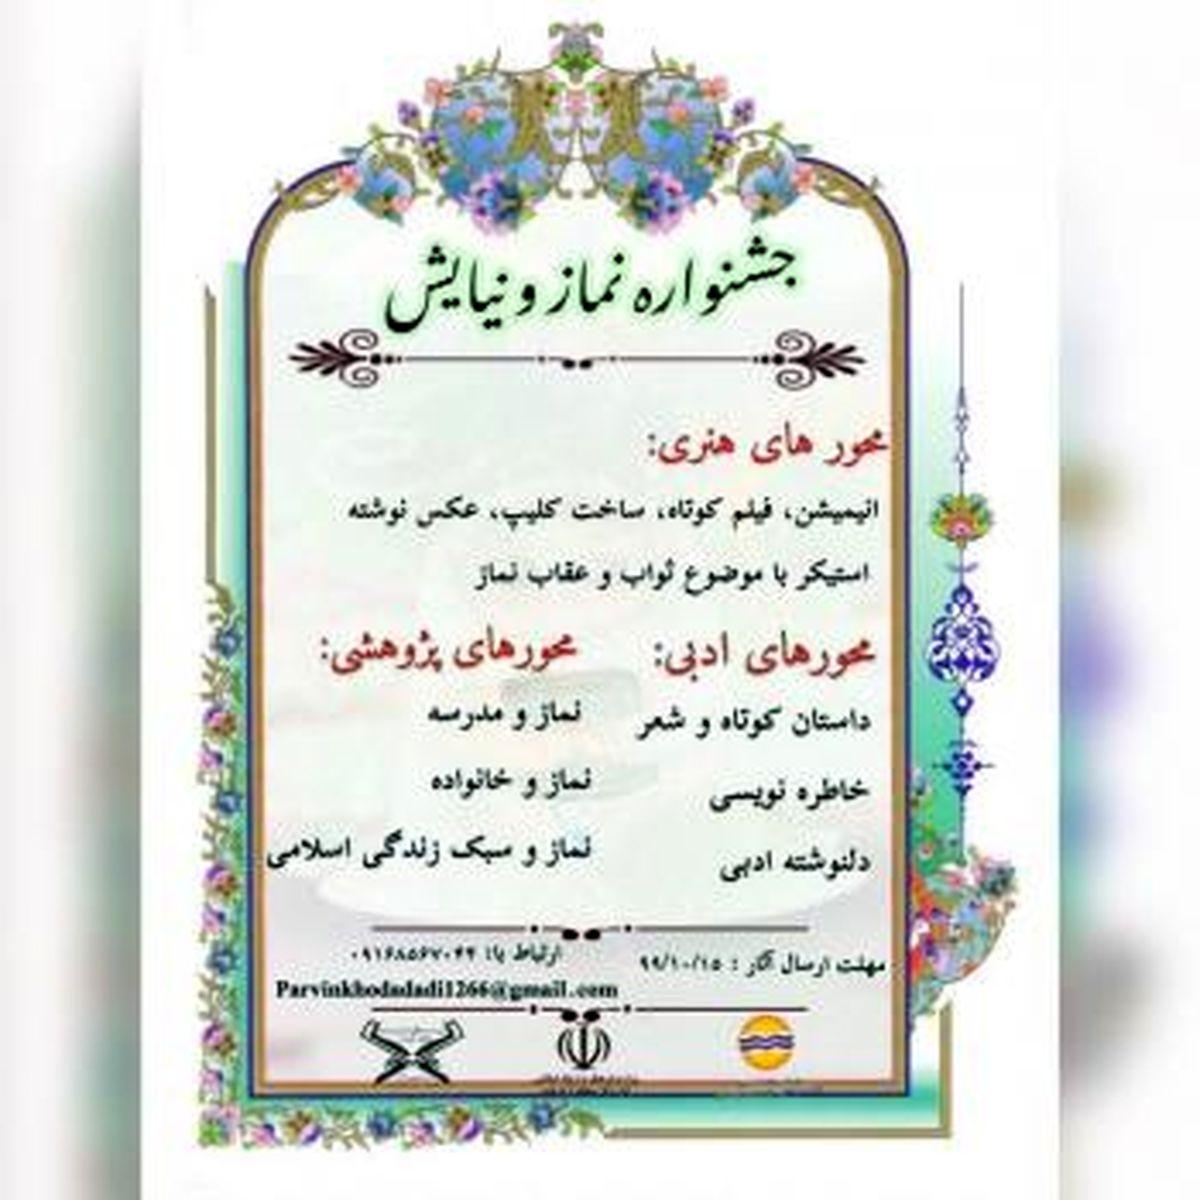 برگزیدگان جشنواره فرهنگی و هنری نماز و نیایش در قشم معرفی شدند